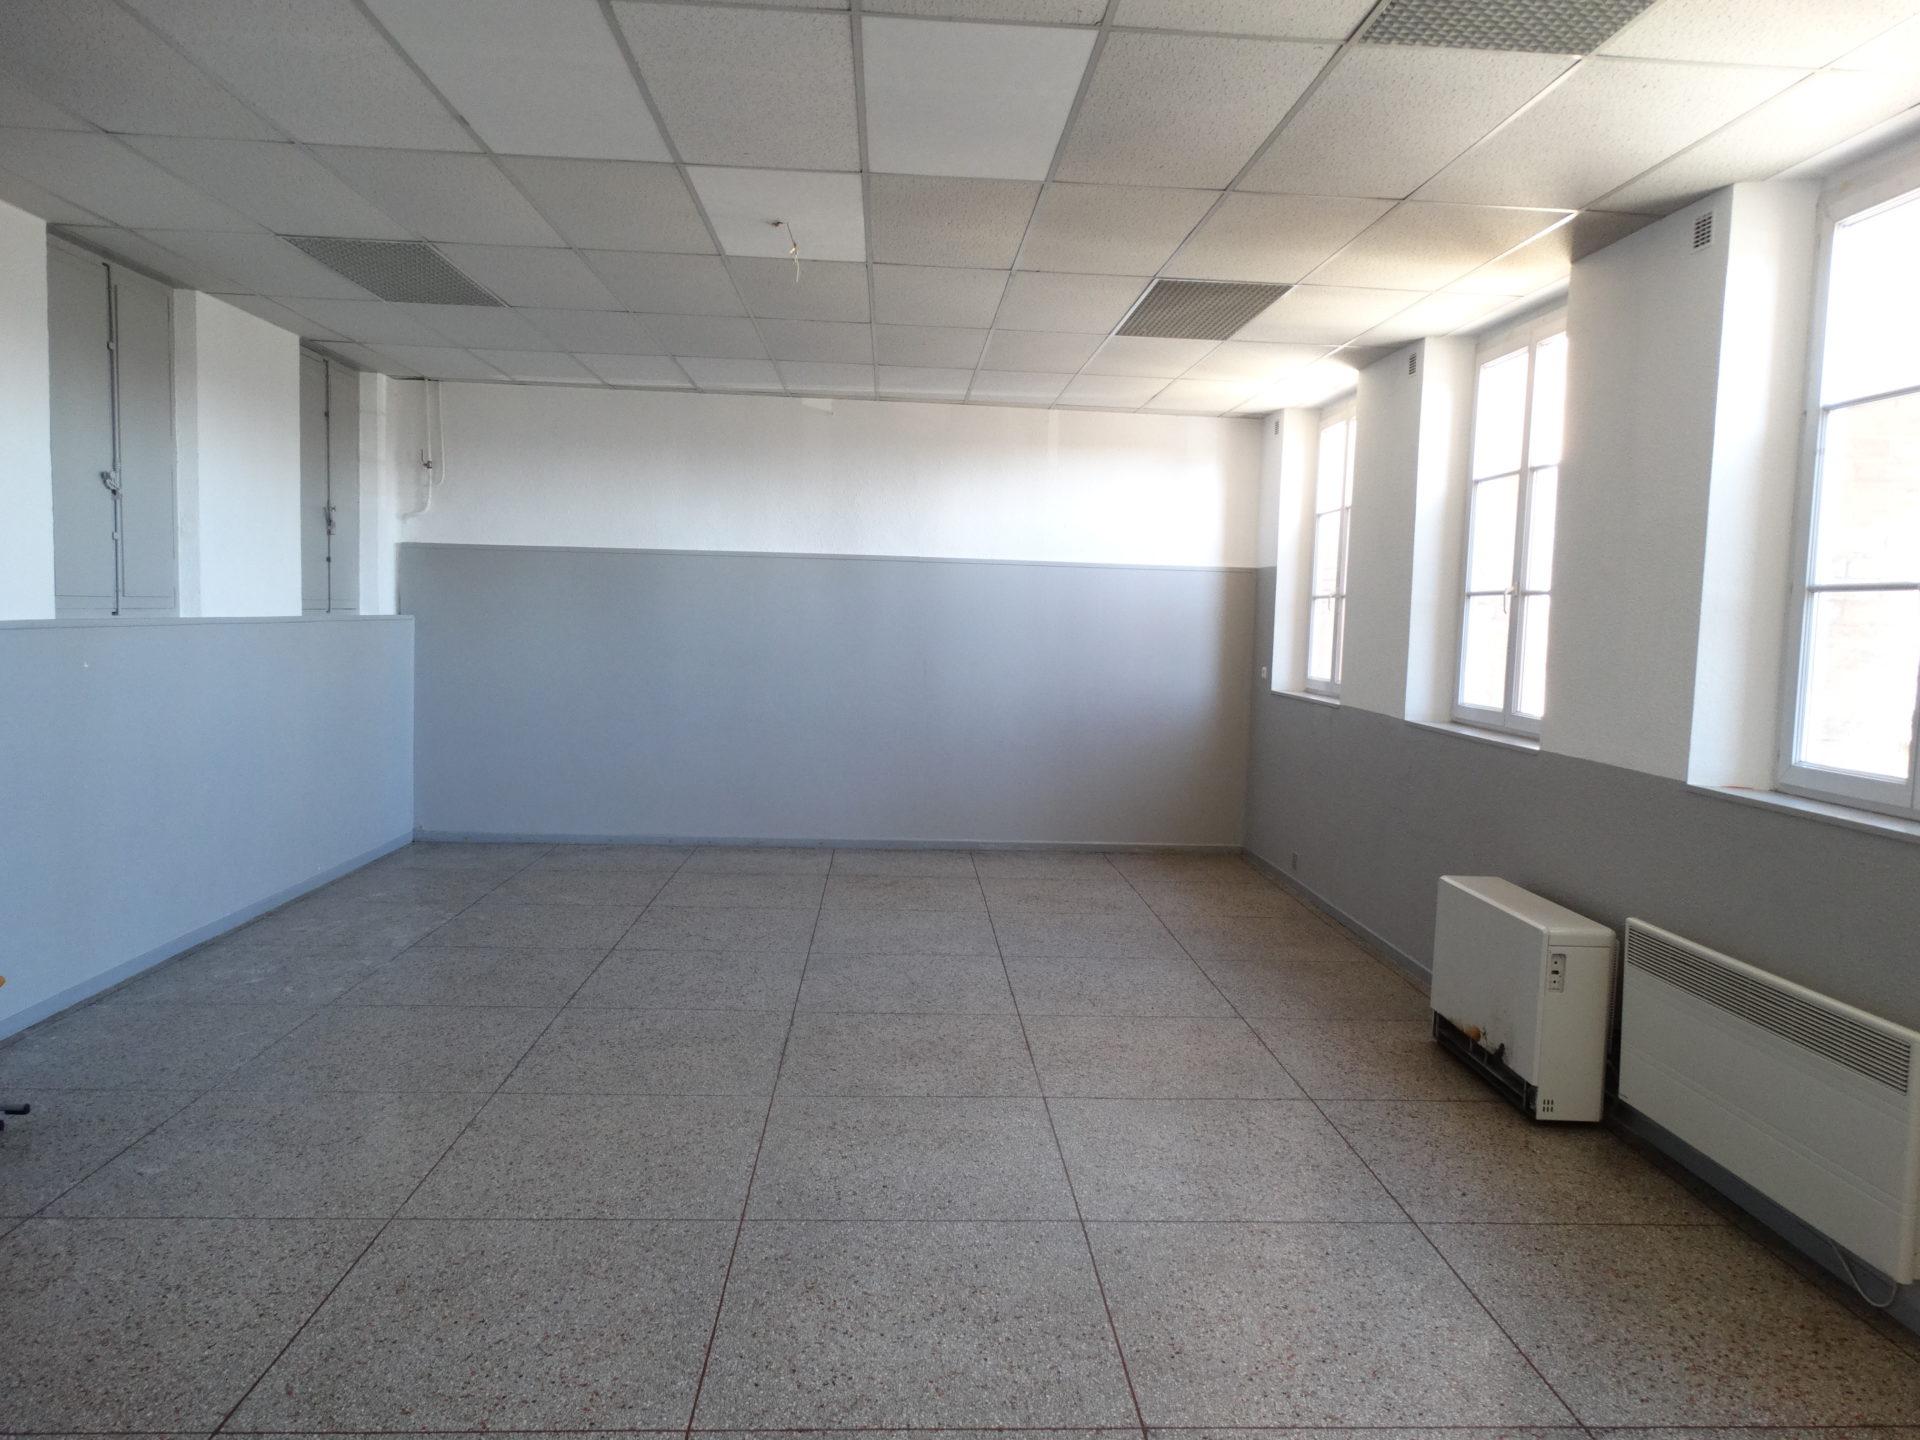 Béraud salle 2